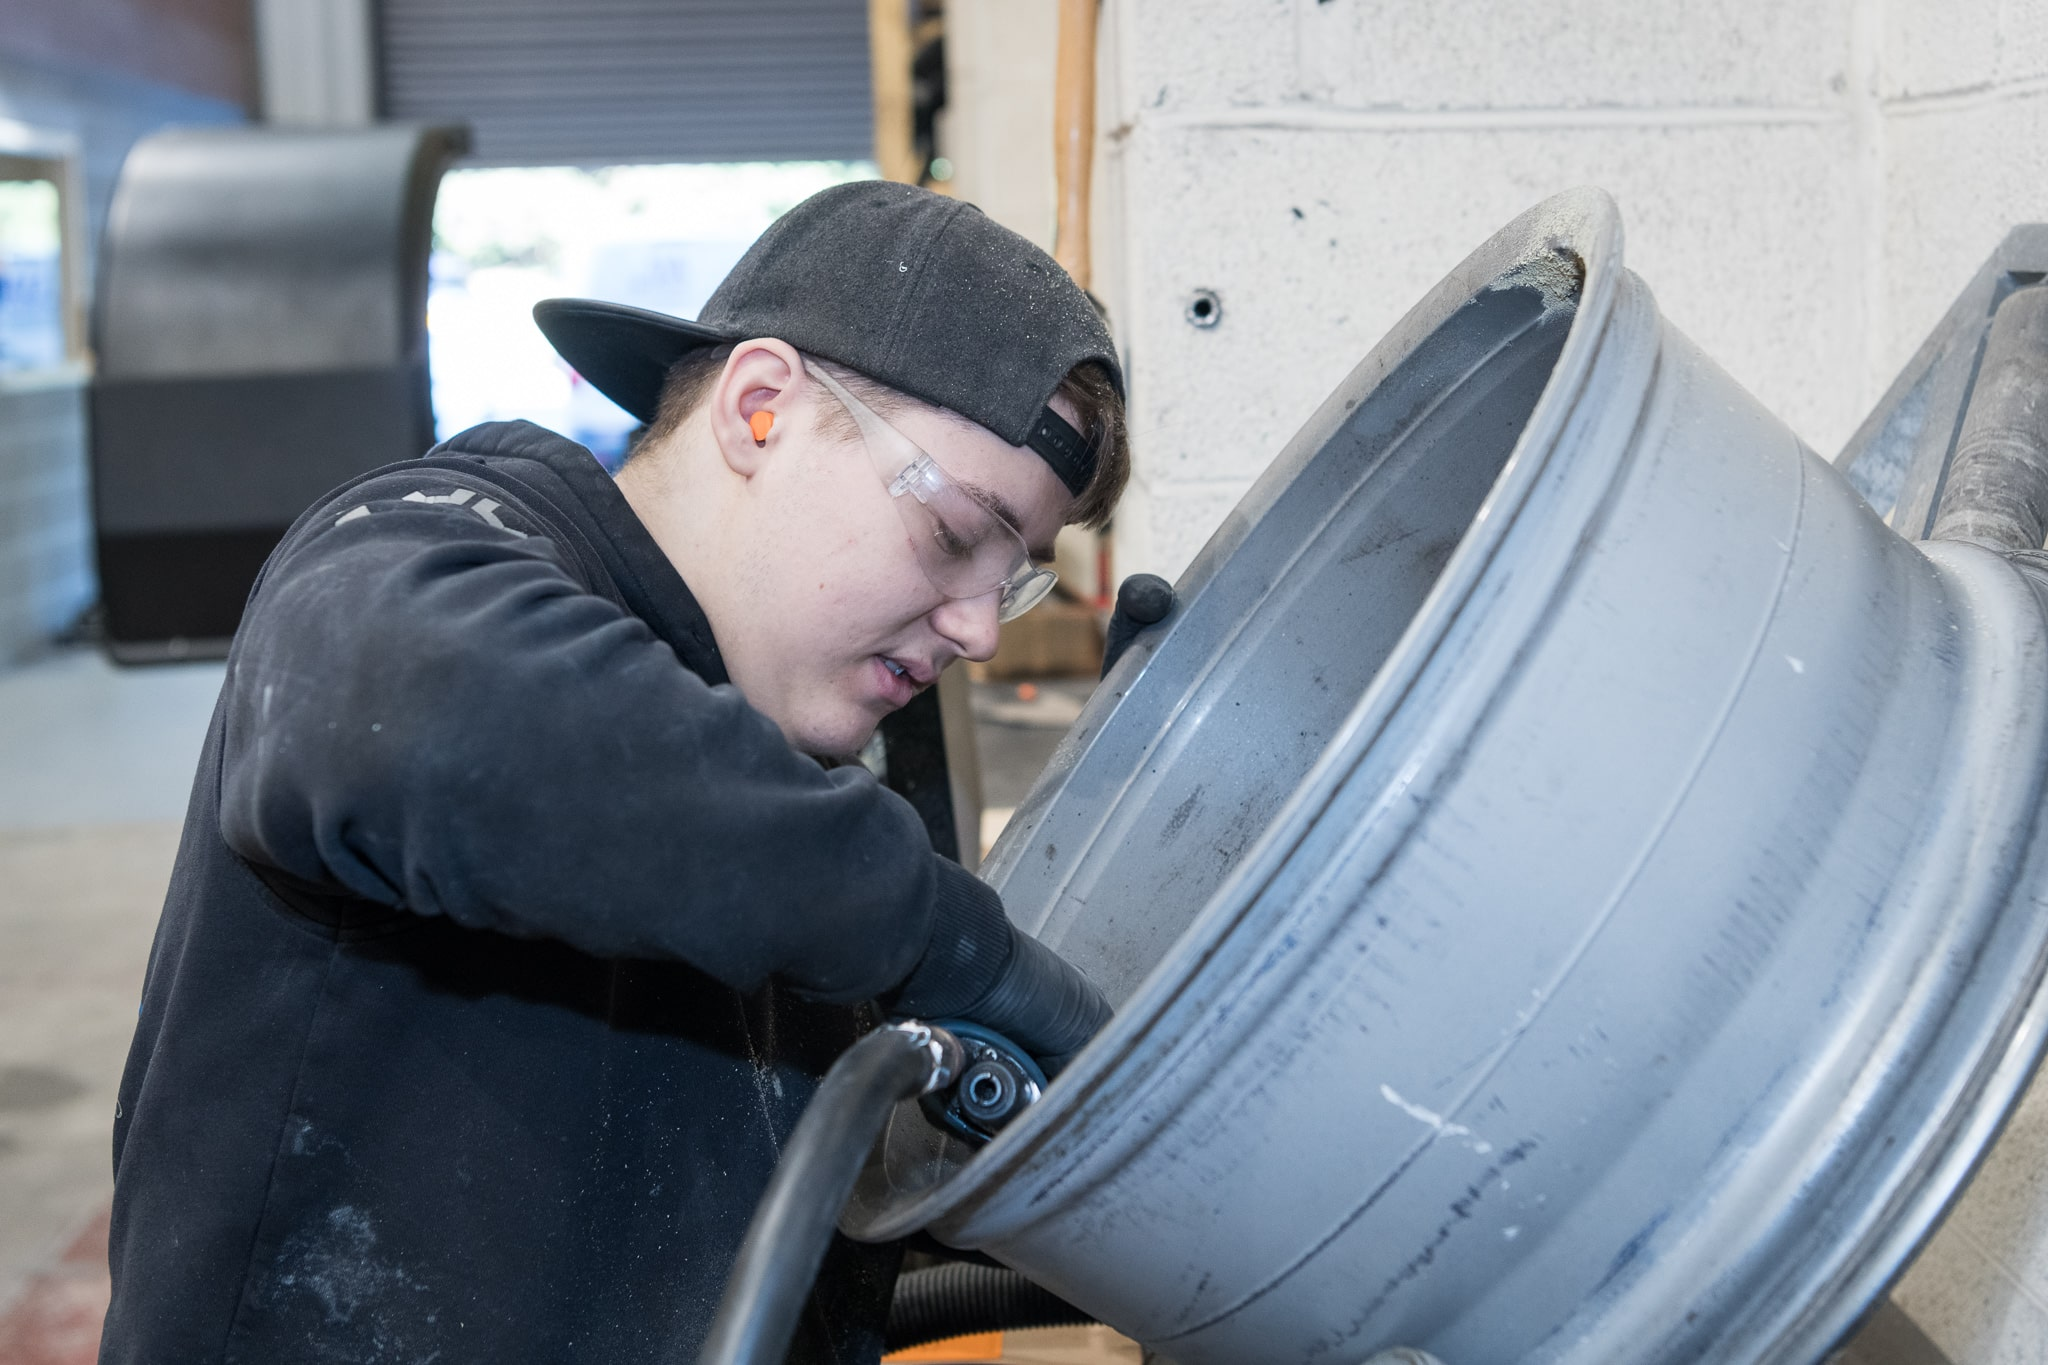 DA Tech apprentice alloy wheel repair